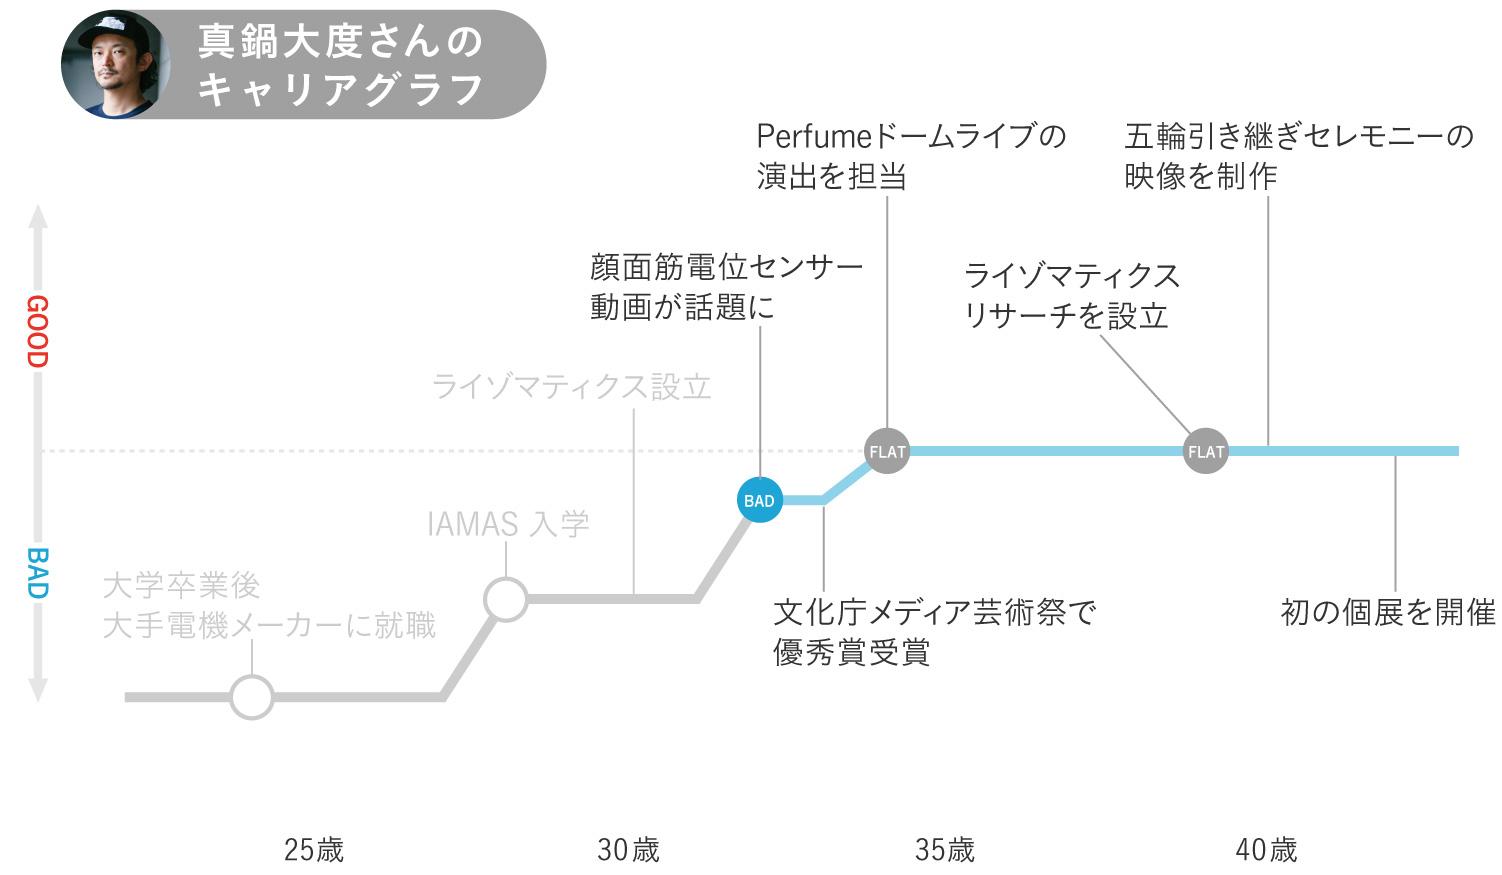 真鍋大度さんキャリアグラフ3